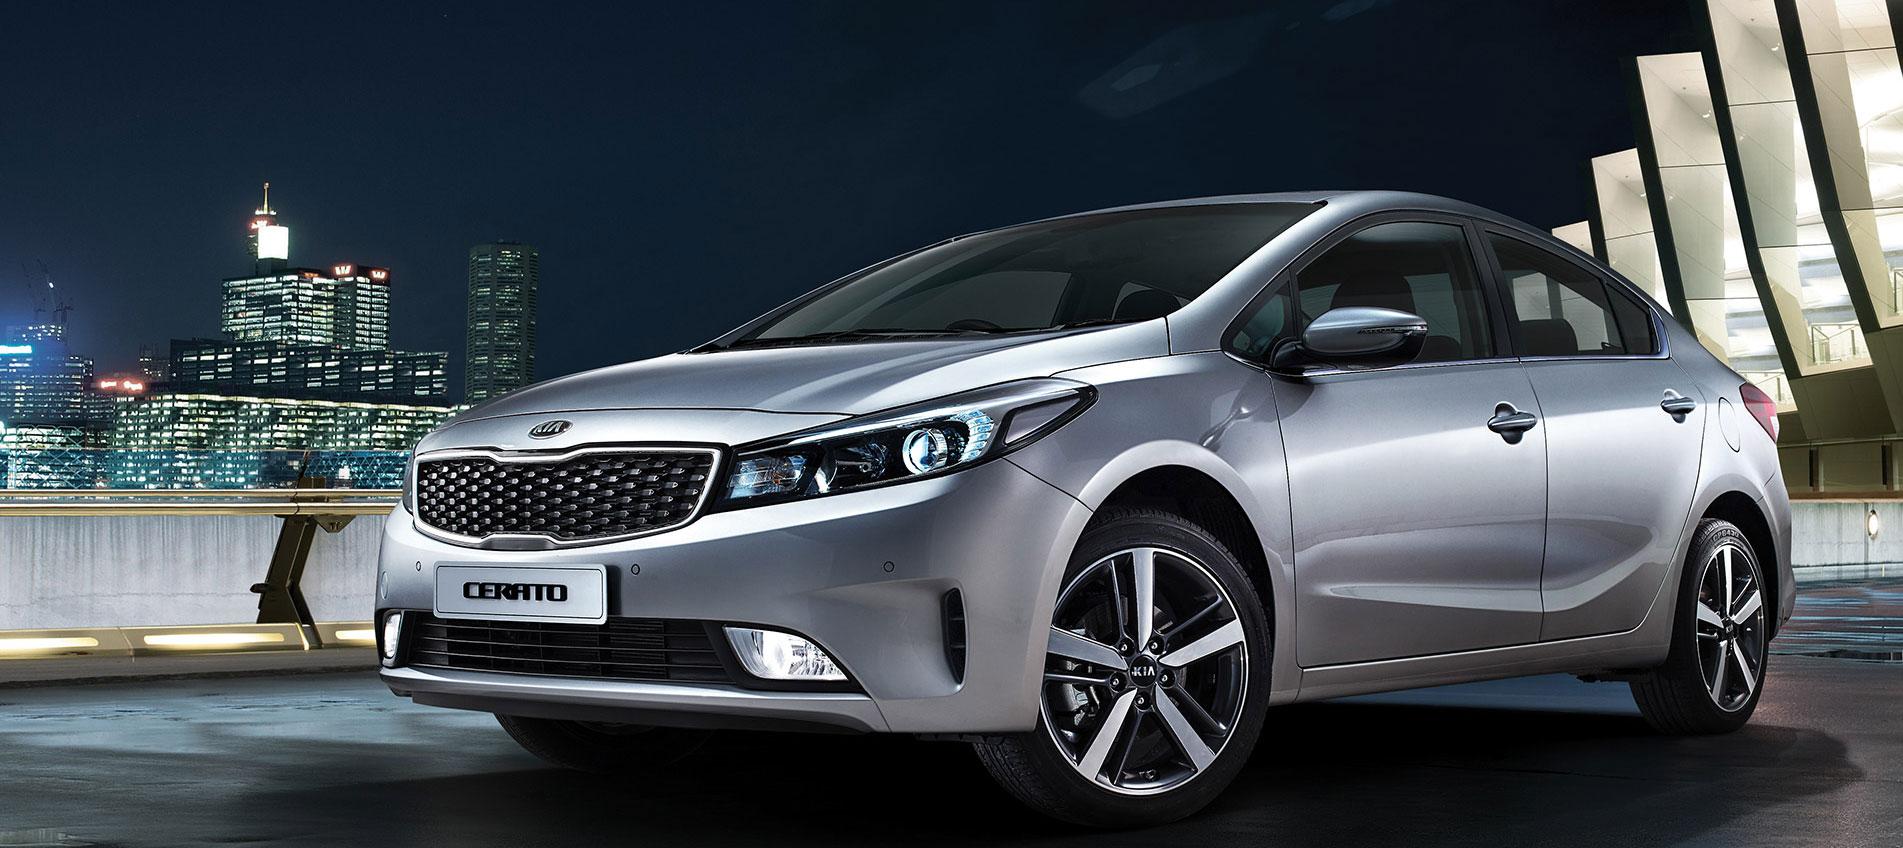 Kia Cerato Sedan Image 1